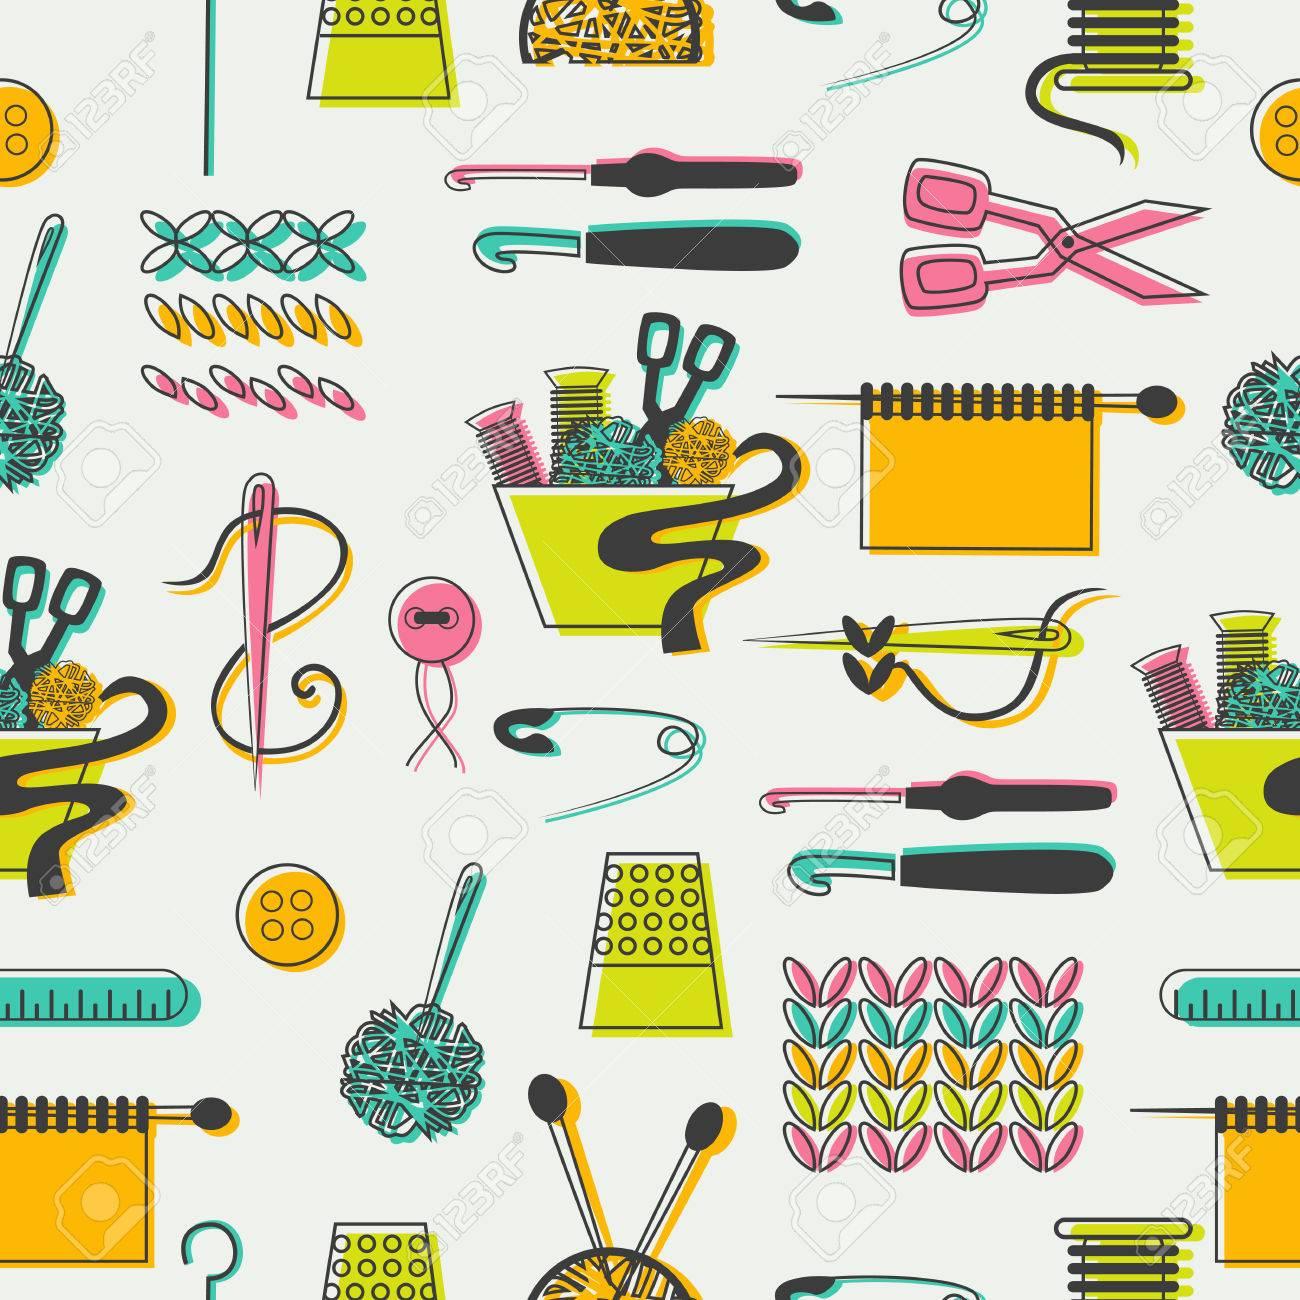 Schneiderei Und Nähen Symbole Und Elemente In Muster. Lizenzfrei ...